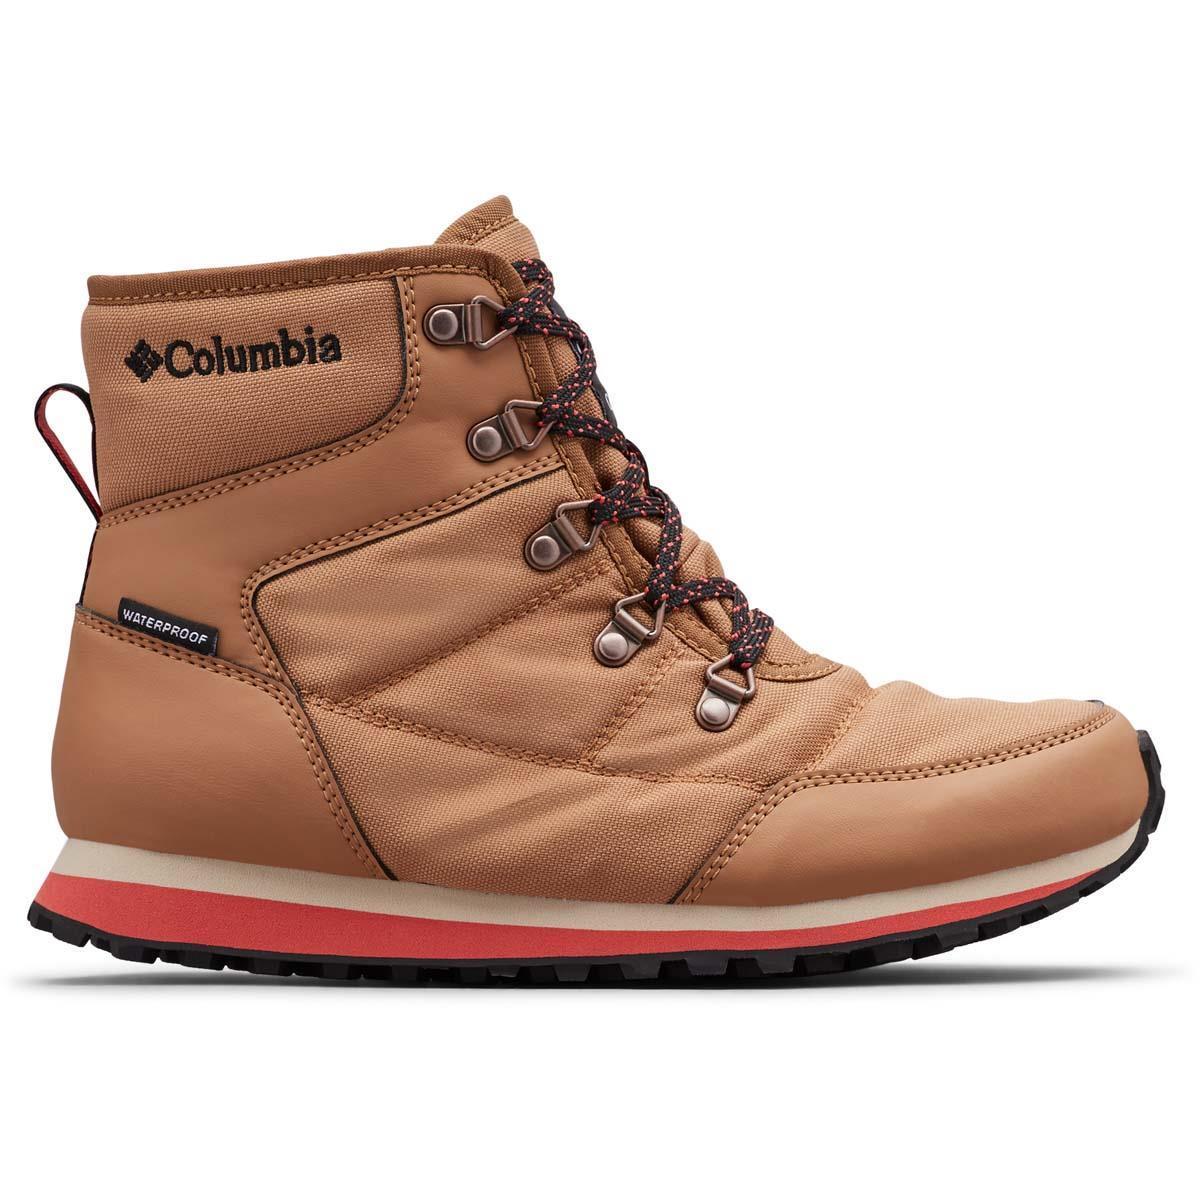 Columbia Wheatleigh Shorty Boot - Women